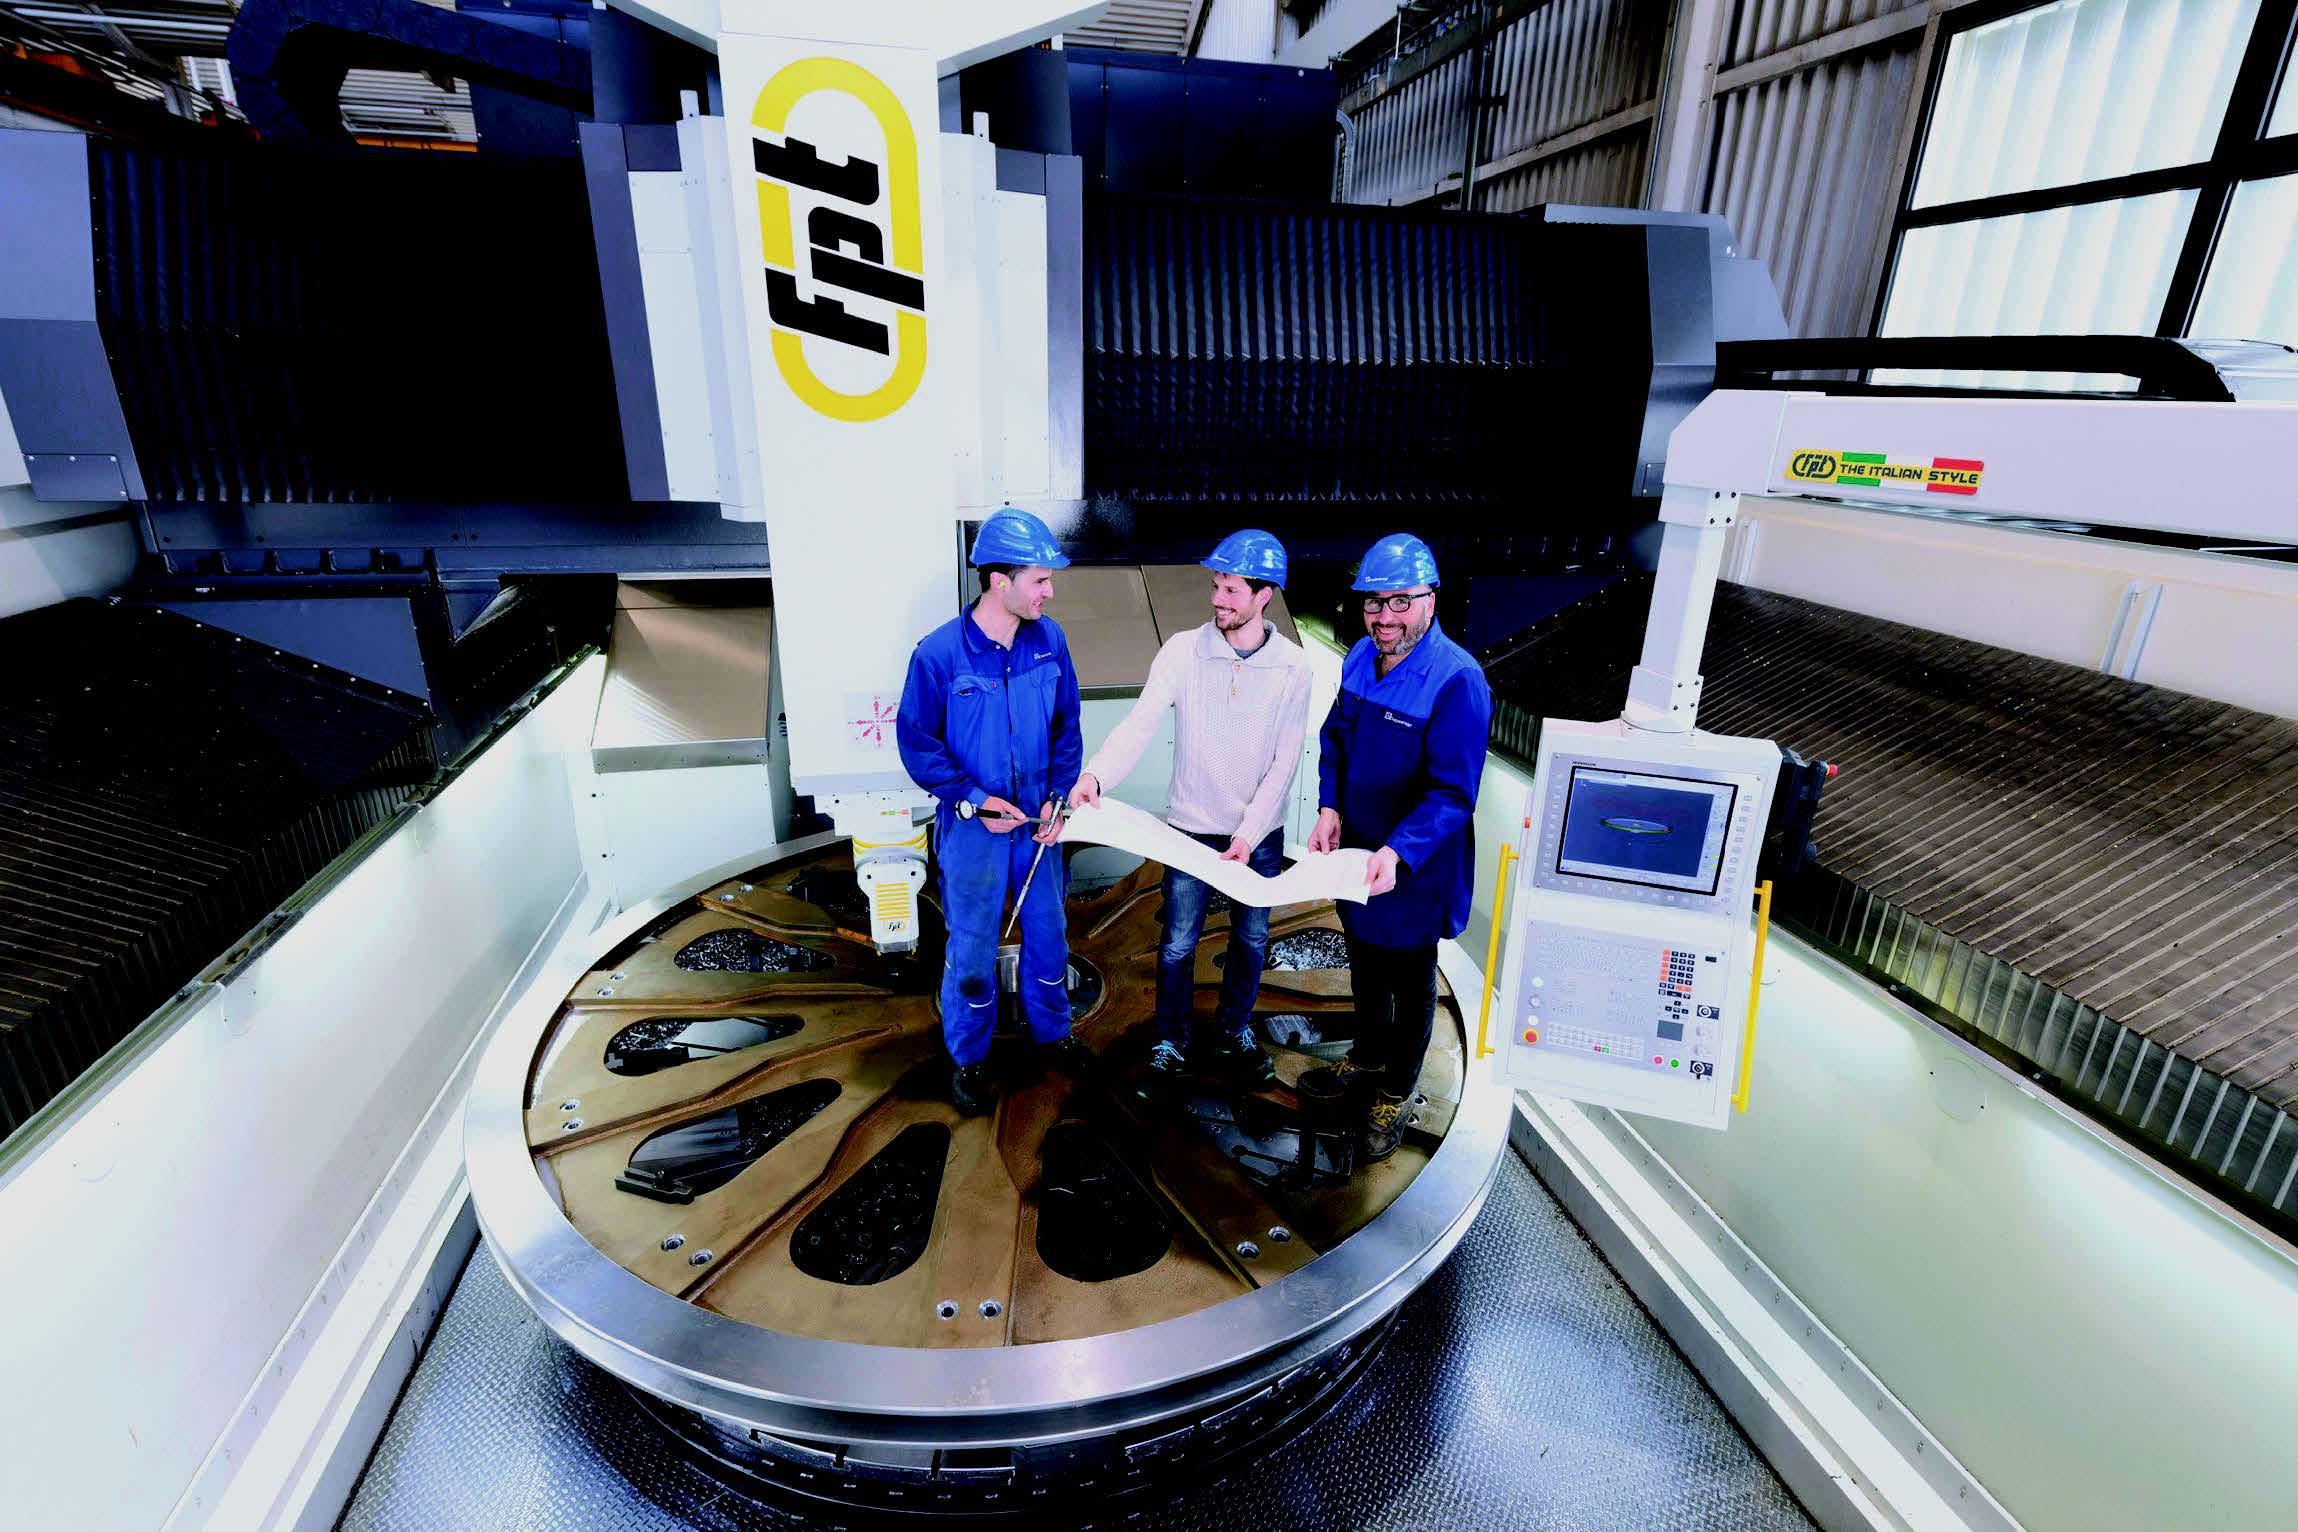 Das Foto mit Christof Karlegger (links), Ing. Peter Plattner (Mitte) und Franz Frei (rechts) beim Einrichten der gewaltigen Seilscheibe für den Flughafen London-Luton zeigt, wie viel Raum es in der Maschine für große Projekte gibt.